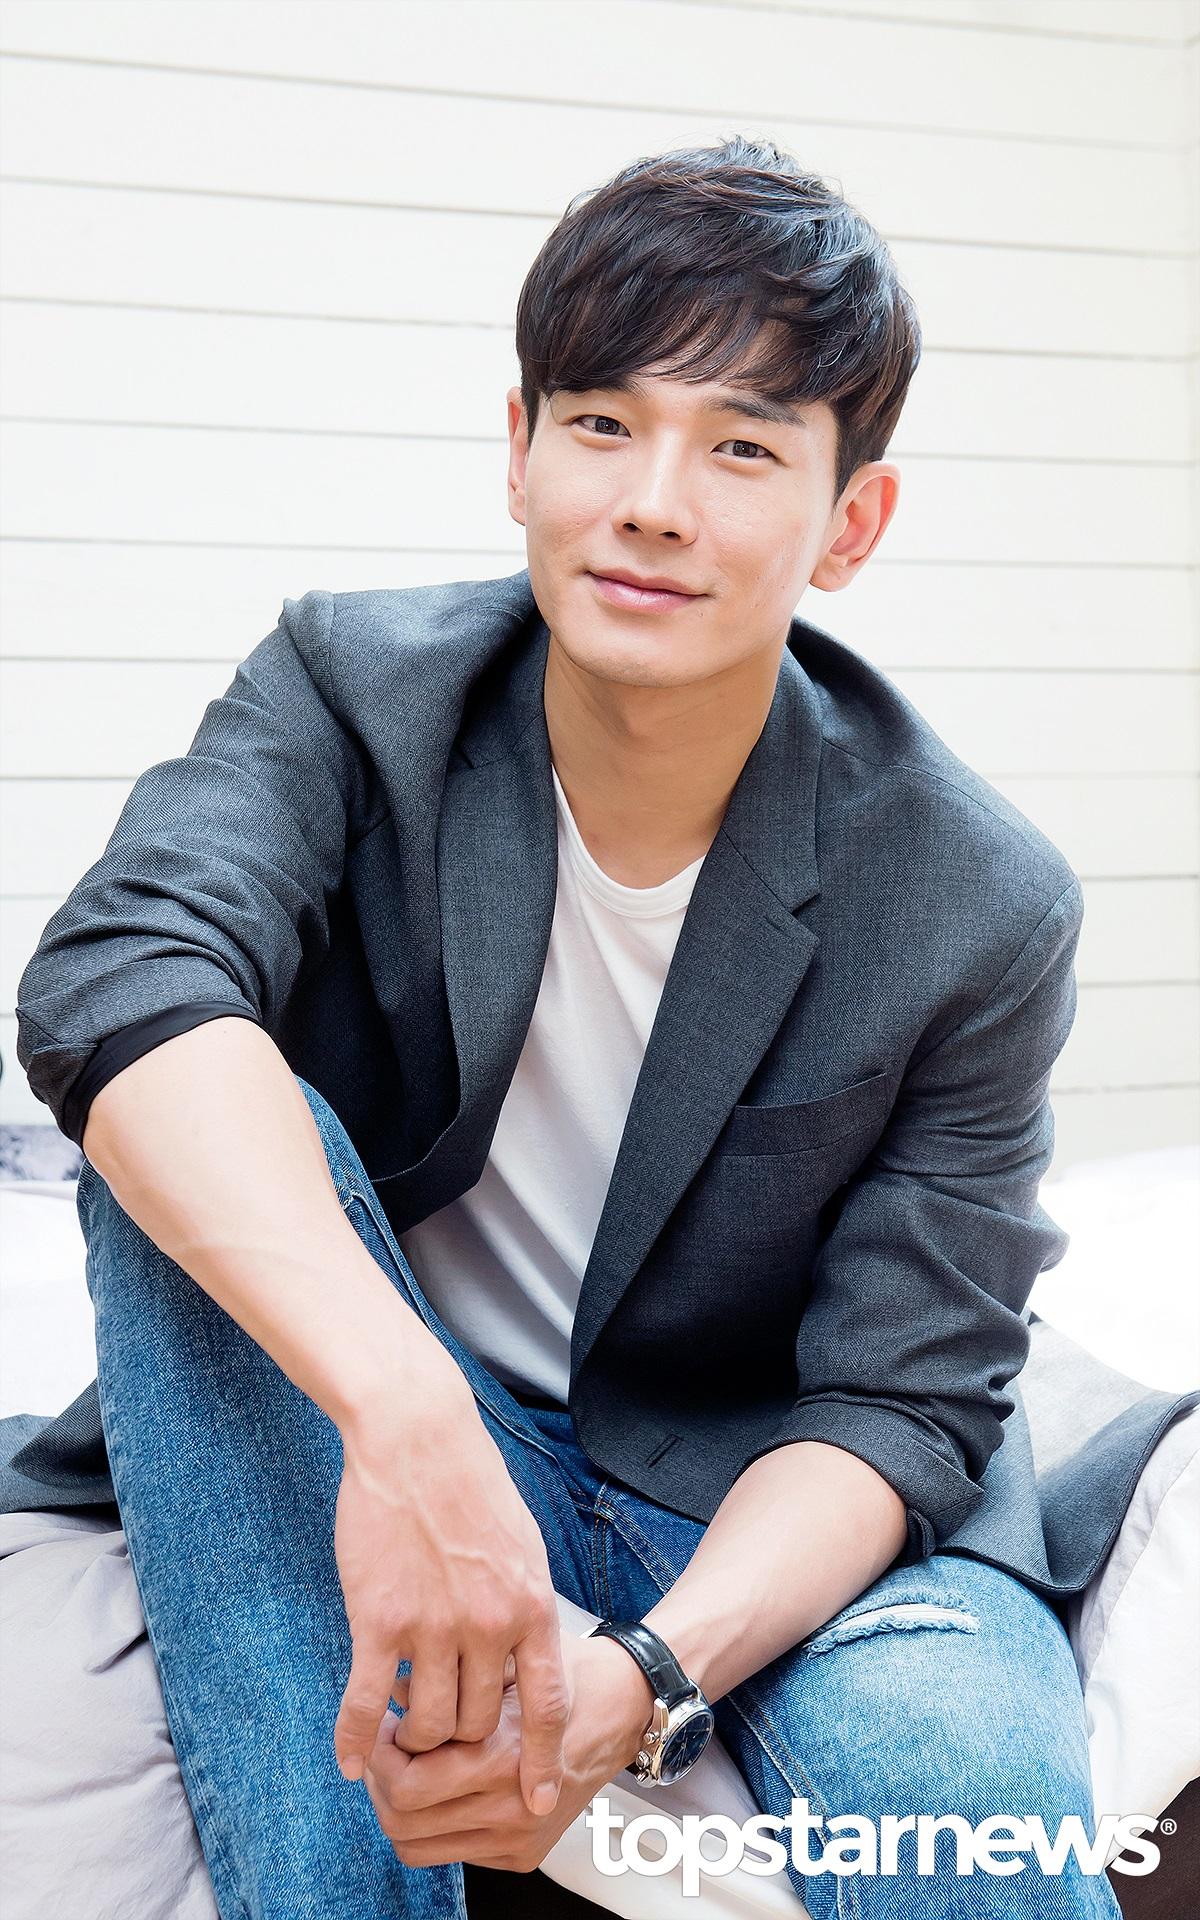 Ohn Joo Wan